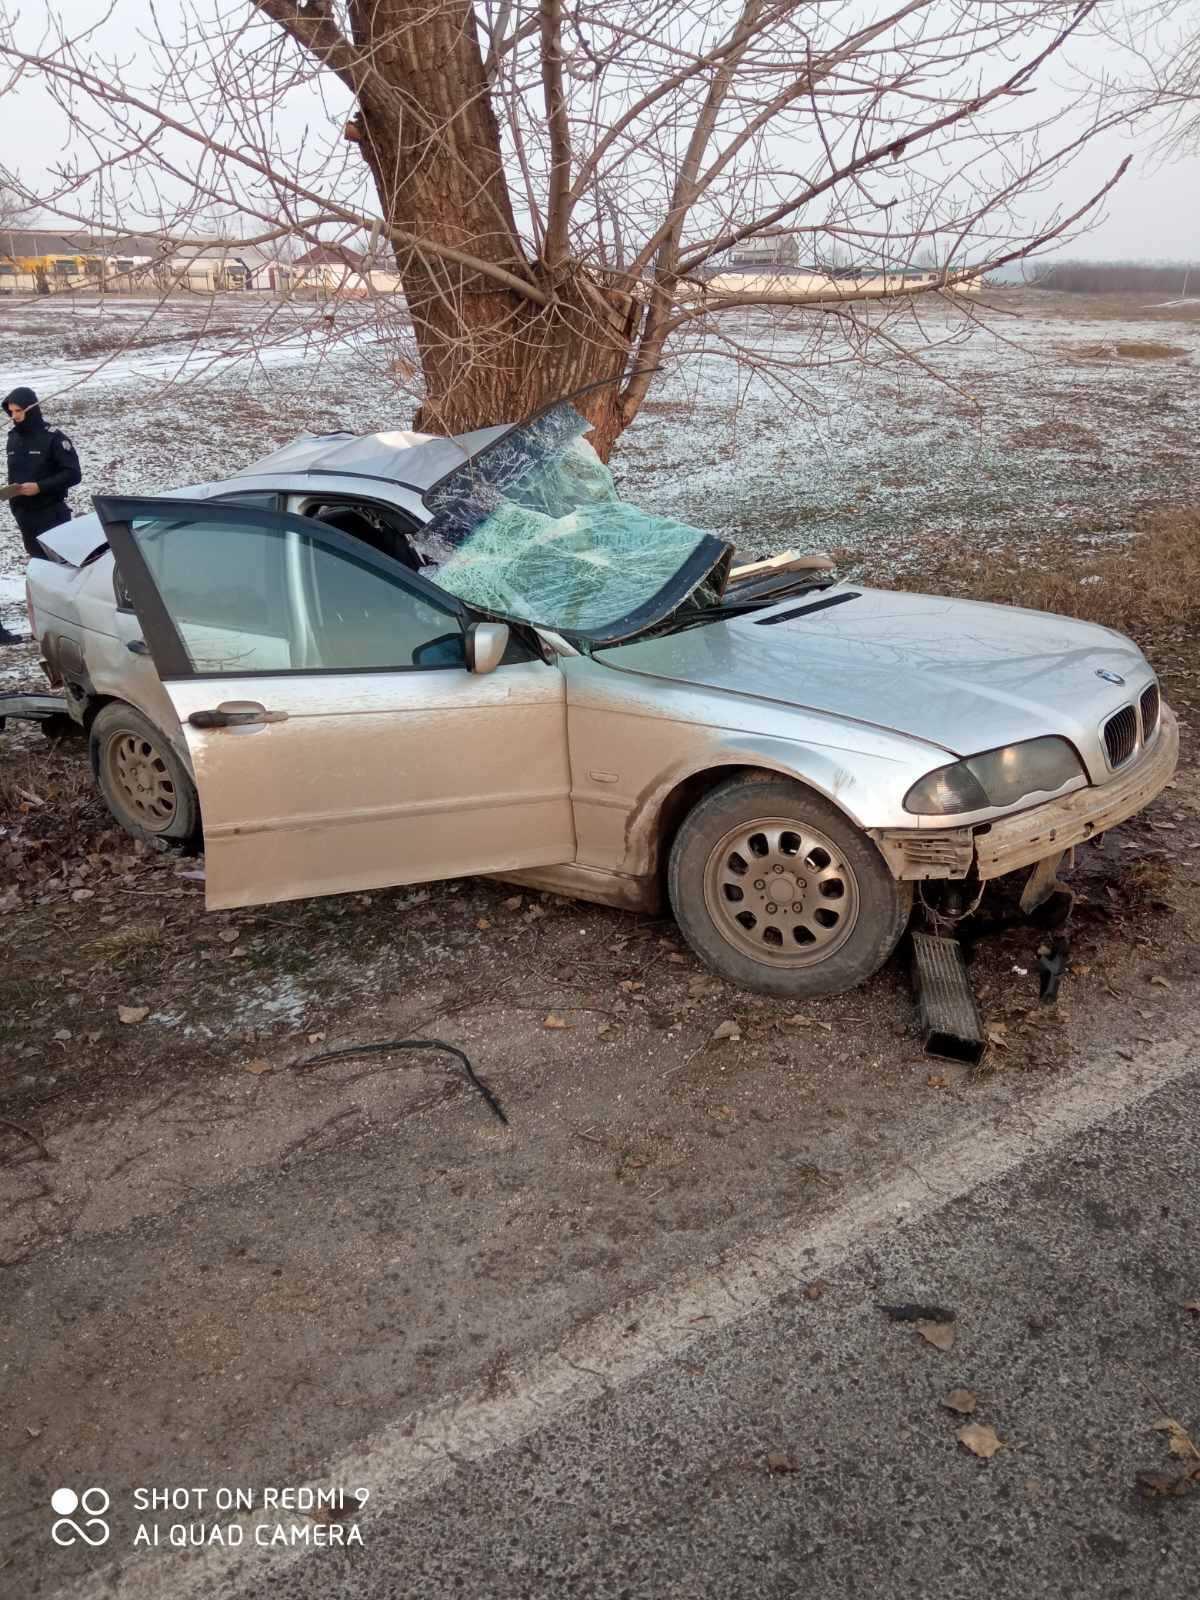 ВСынжерейском районе произошла авария. Один человек погиб (ФОТО)